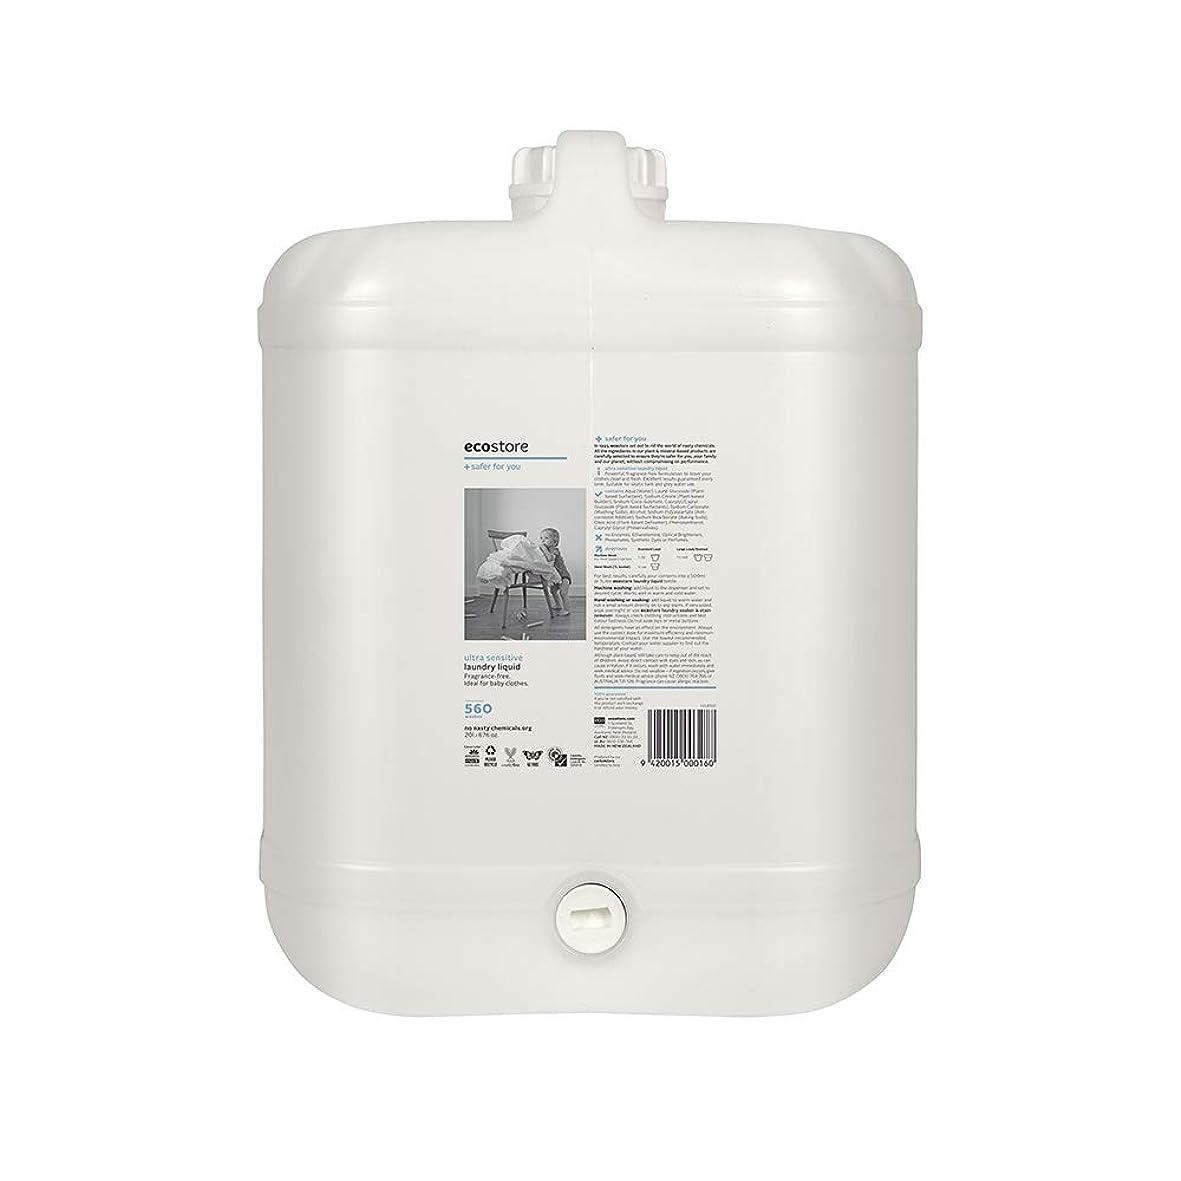 未知の行為深さecostore(エコストア) ランドリーリキッド <無香料> バルク 20L